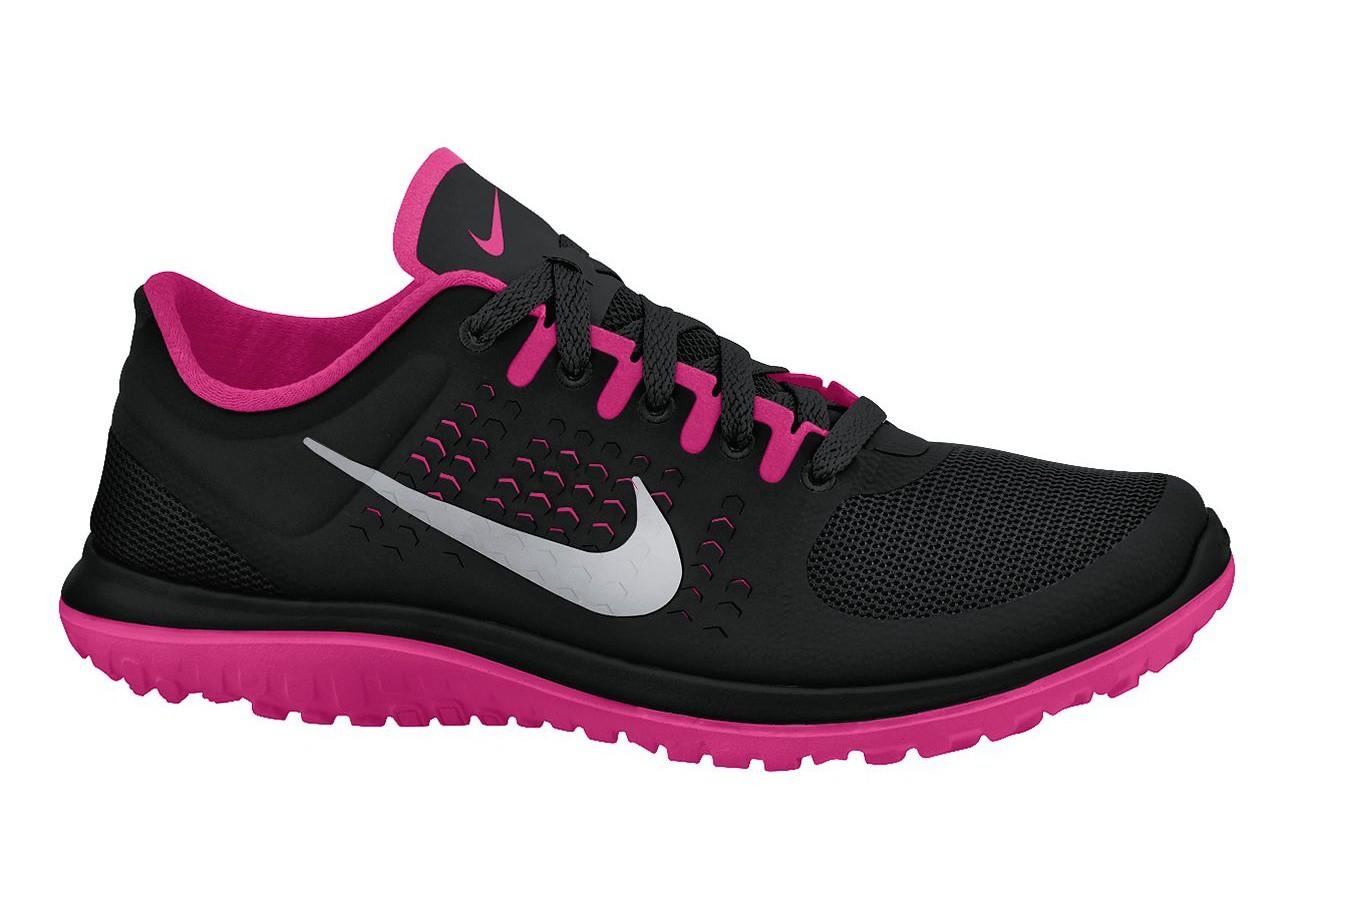 Dámské běžecké boty Nike WMNS FS LITE RUN